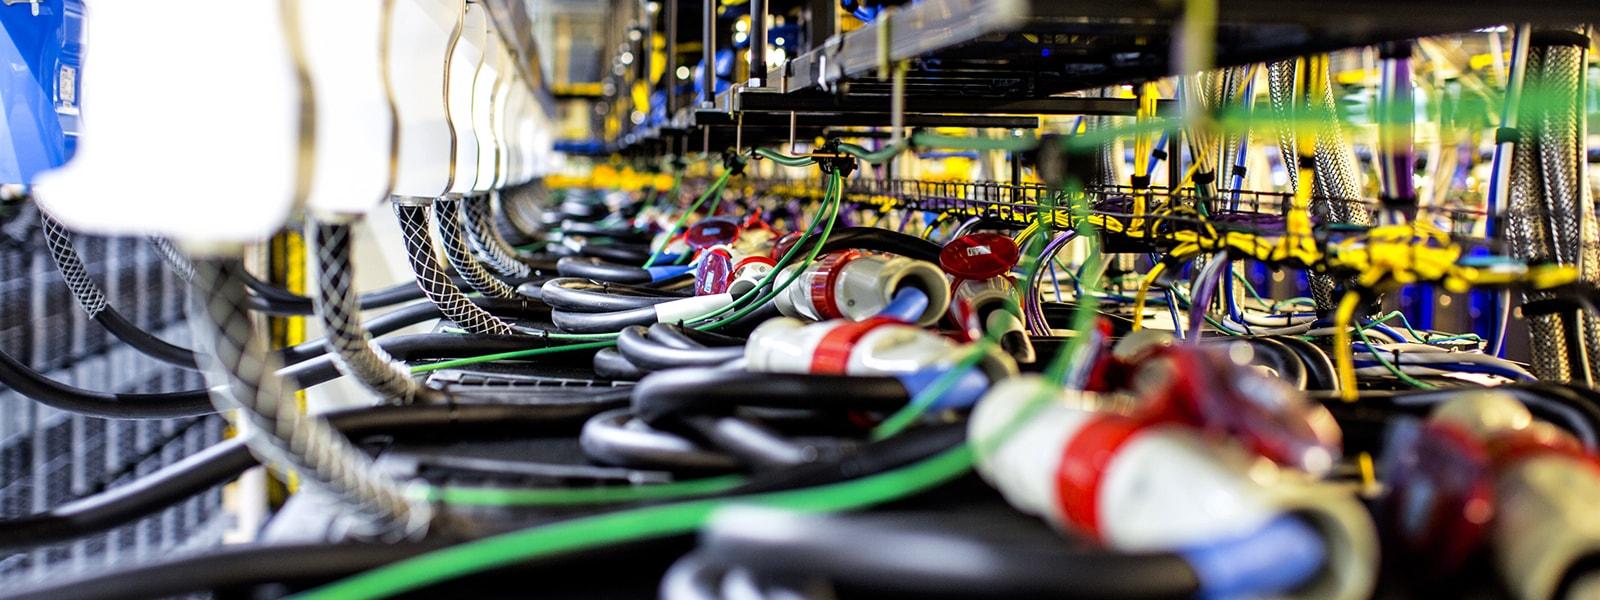 イメージ:エキスパートに聞く! 未来を実現する IT インフラ